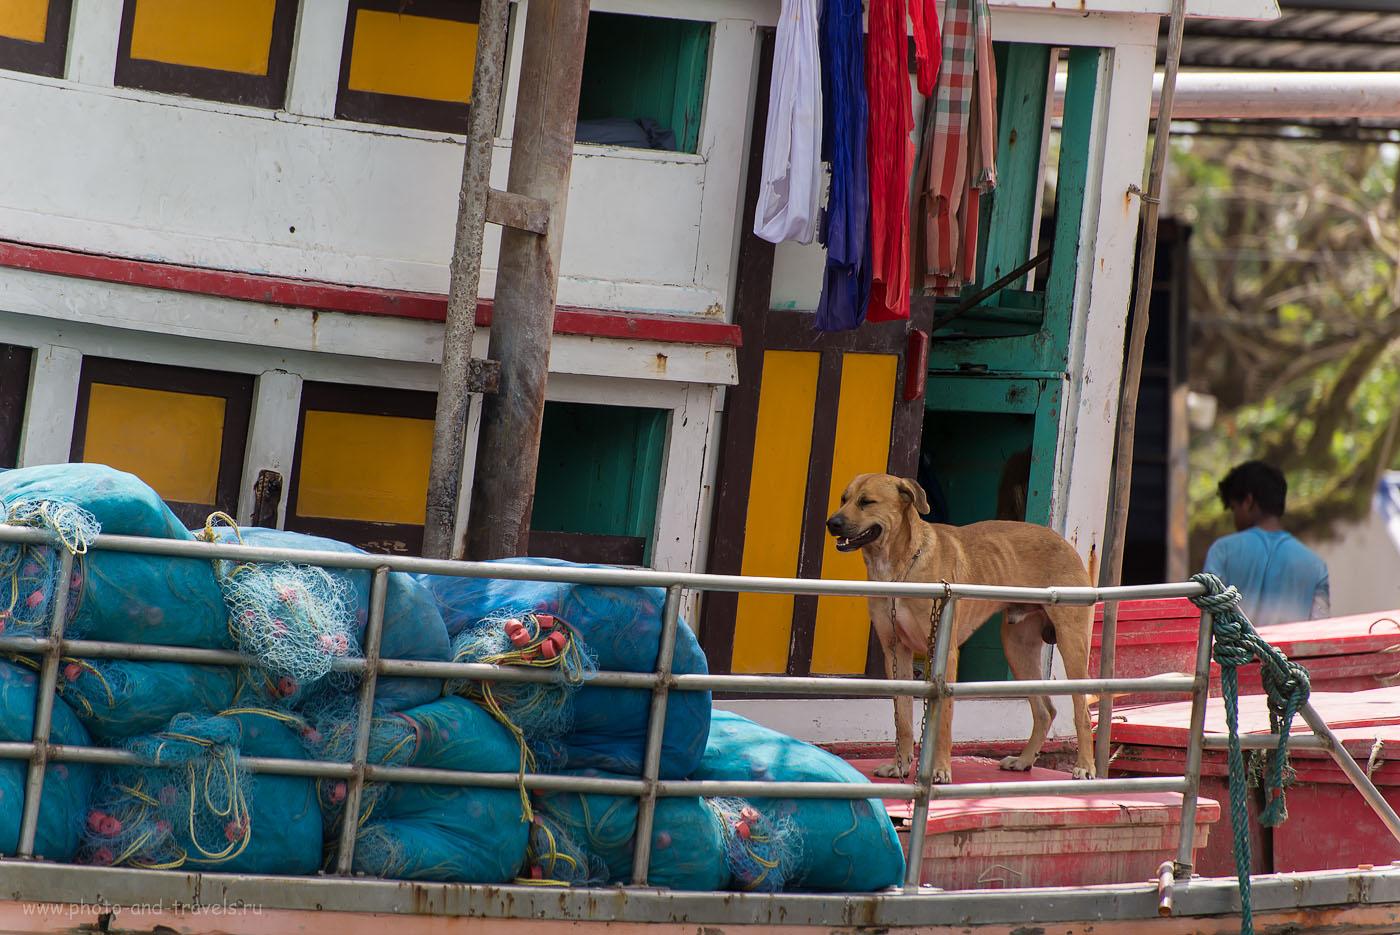 Фото 9. Рыбацкая деревня в Таиланде. Отзывы туристов о поездке на машине. Экскурсия в рыбацкую деревню по дороге из Чумпхон в Краби. Боцман (320, 240, 5.3, 1/800)